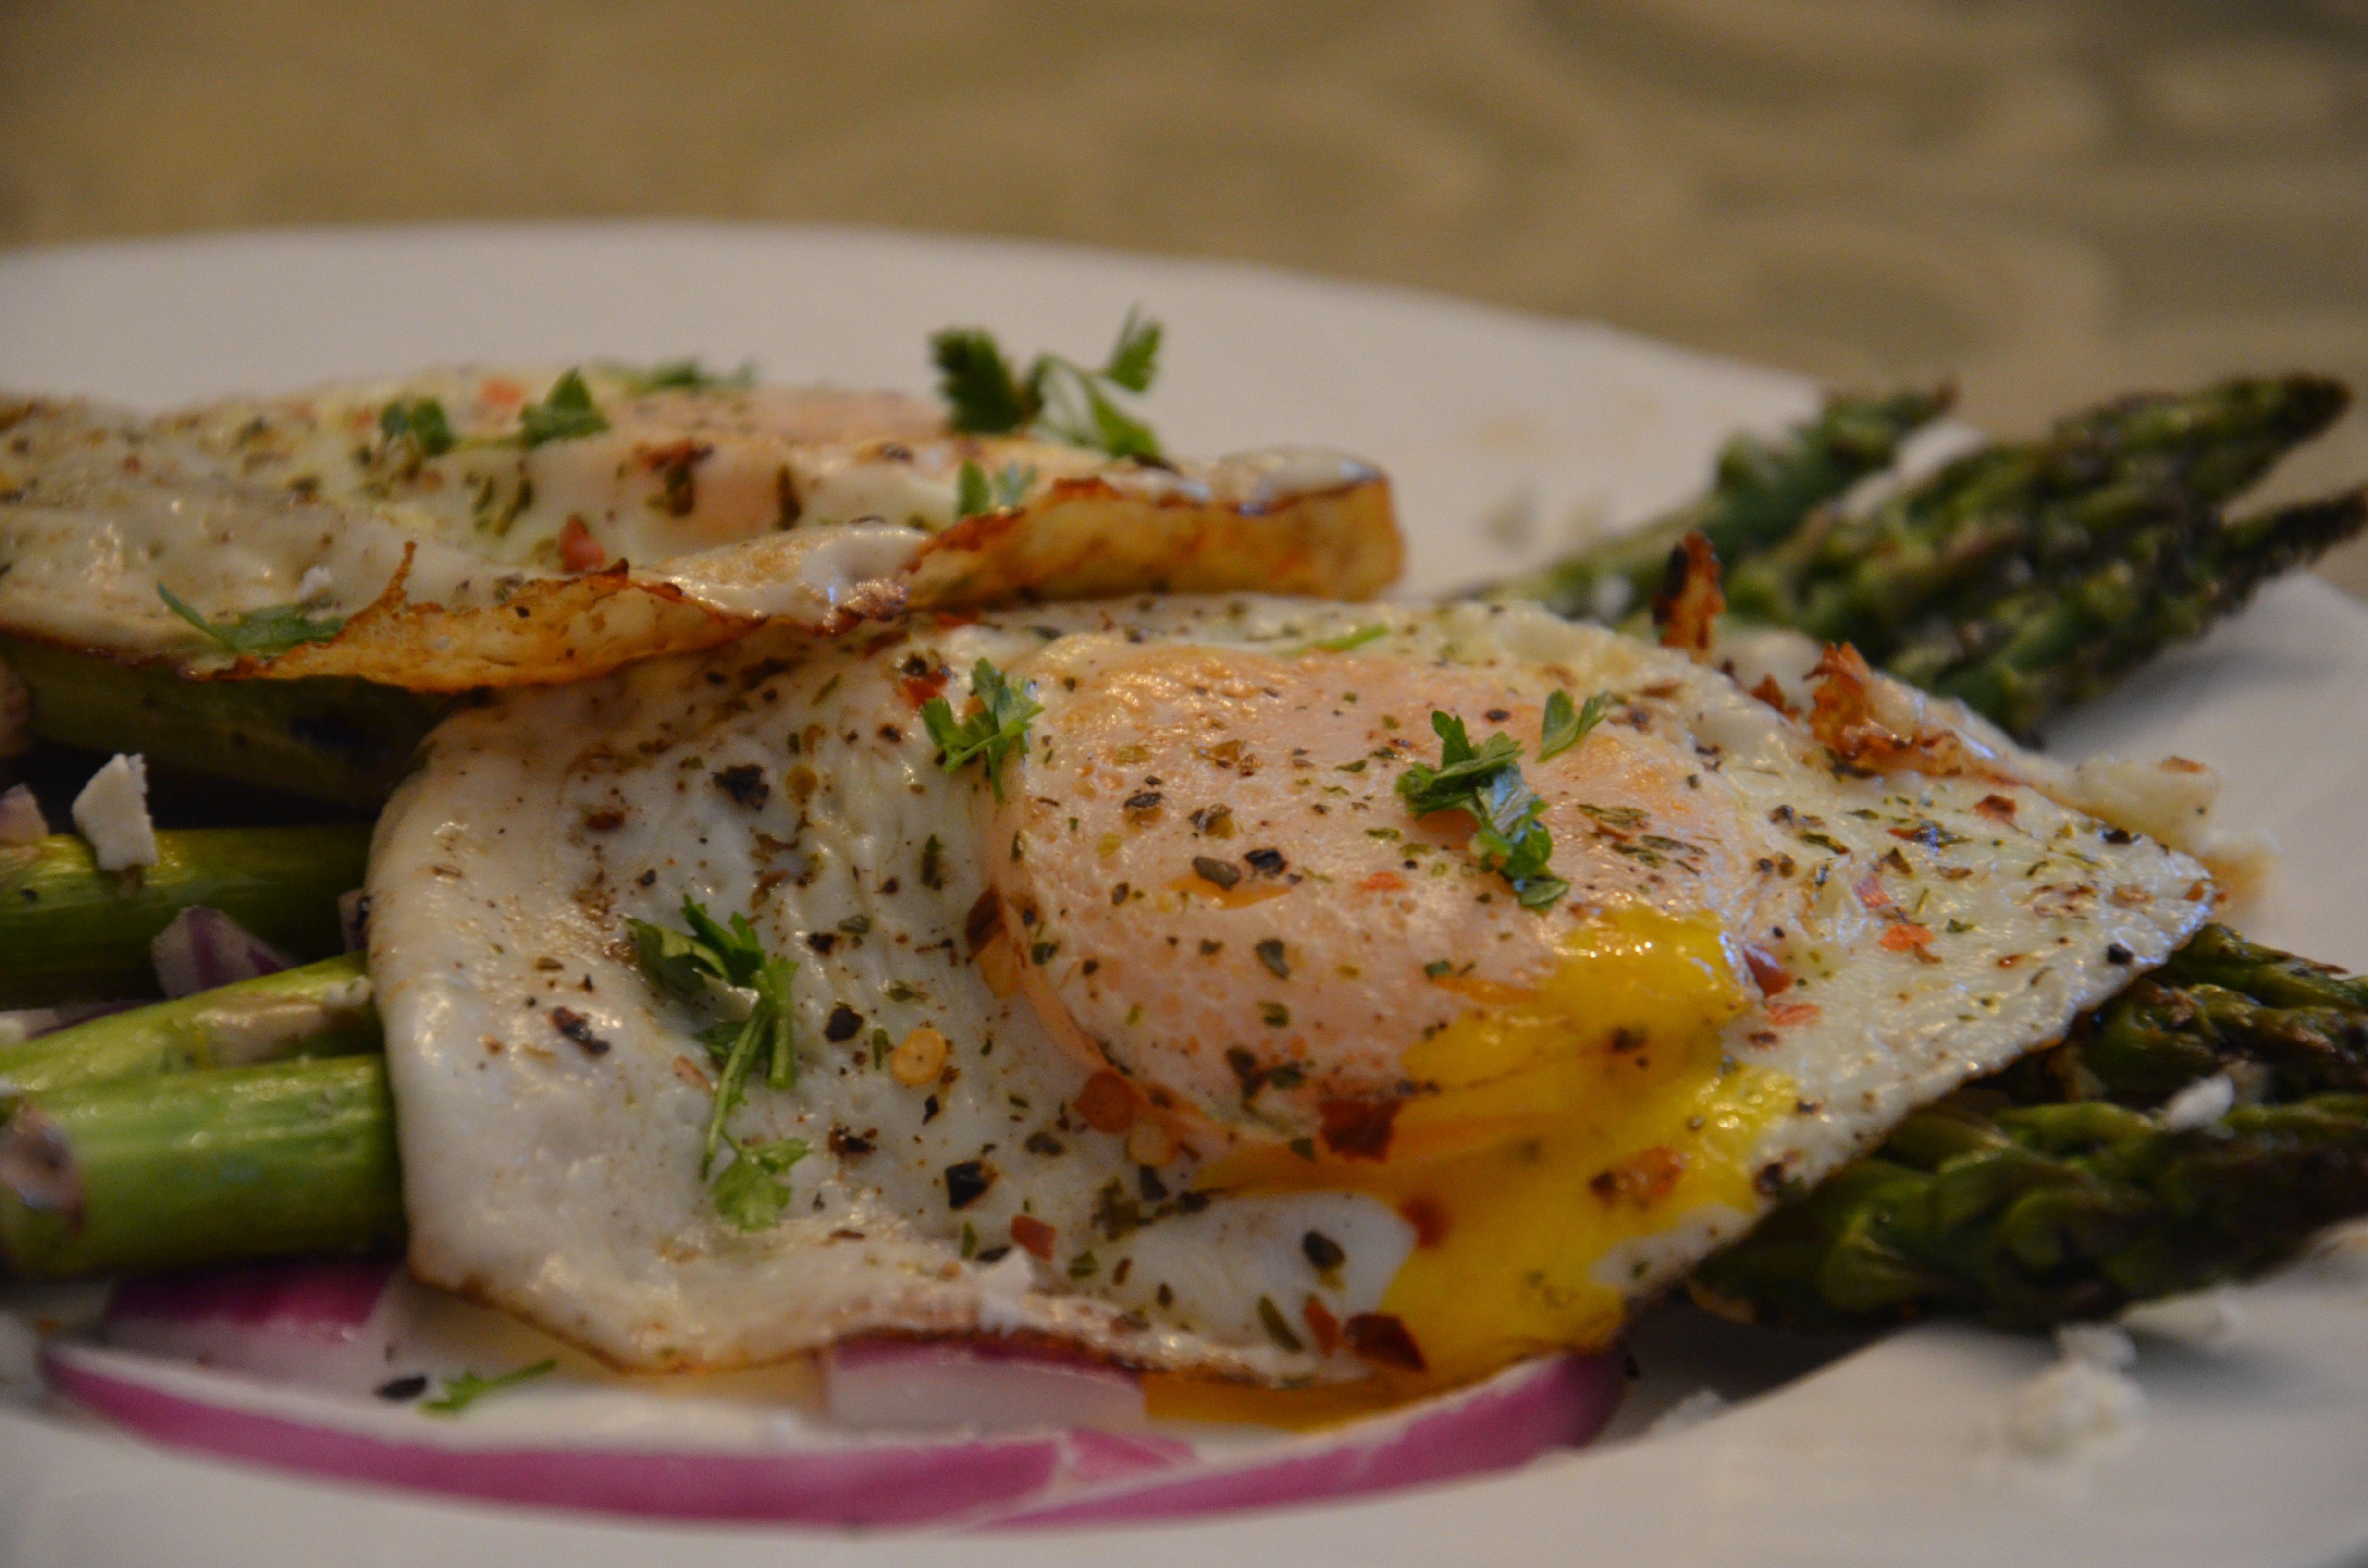 Breakfast: Eggs with Asparagus